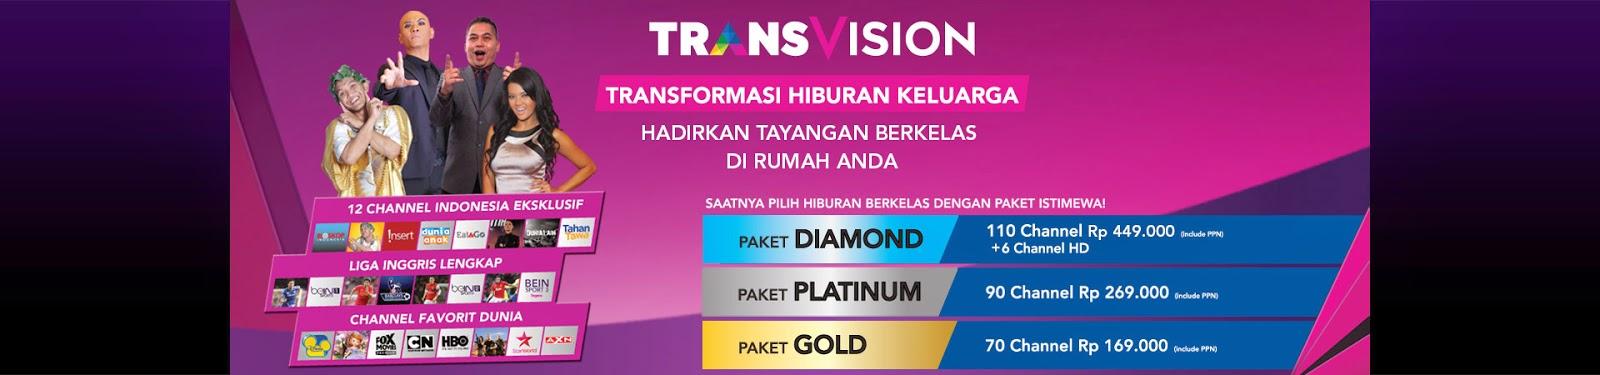 Cara Berlangganan TransVision